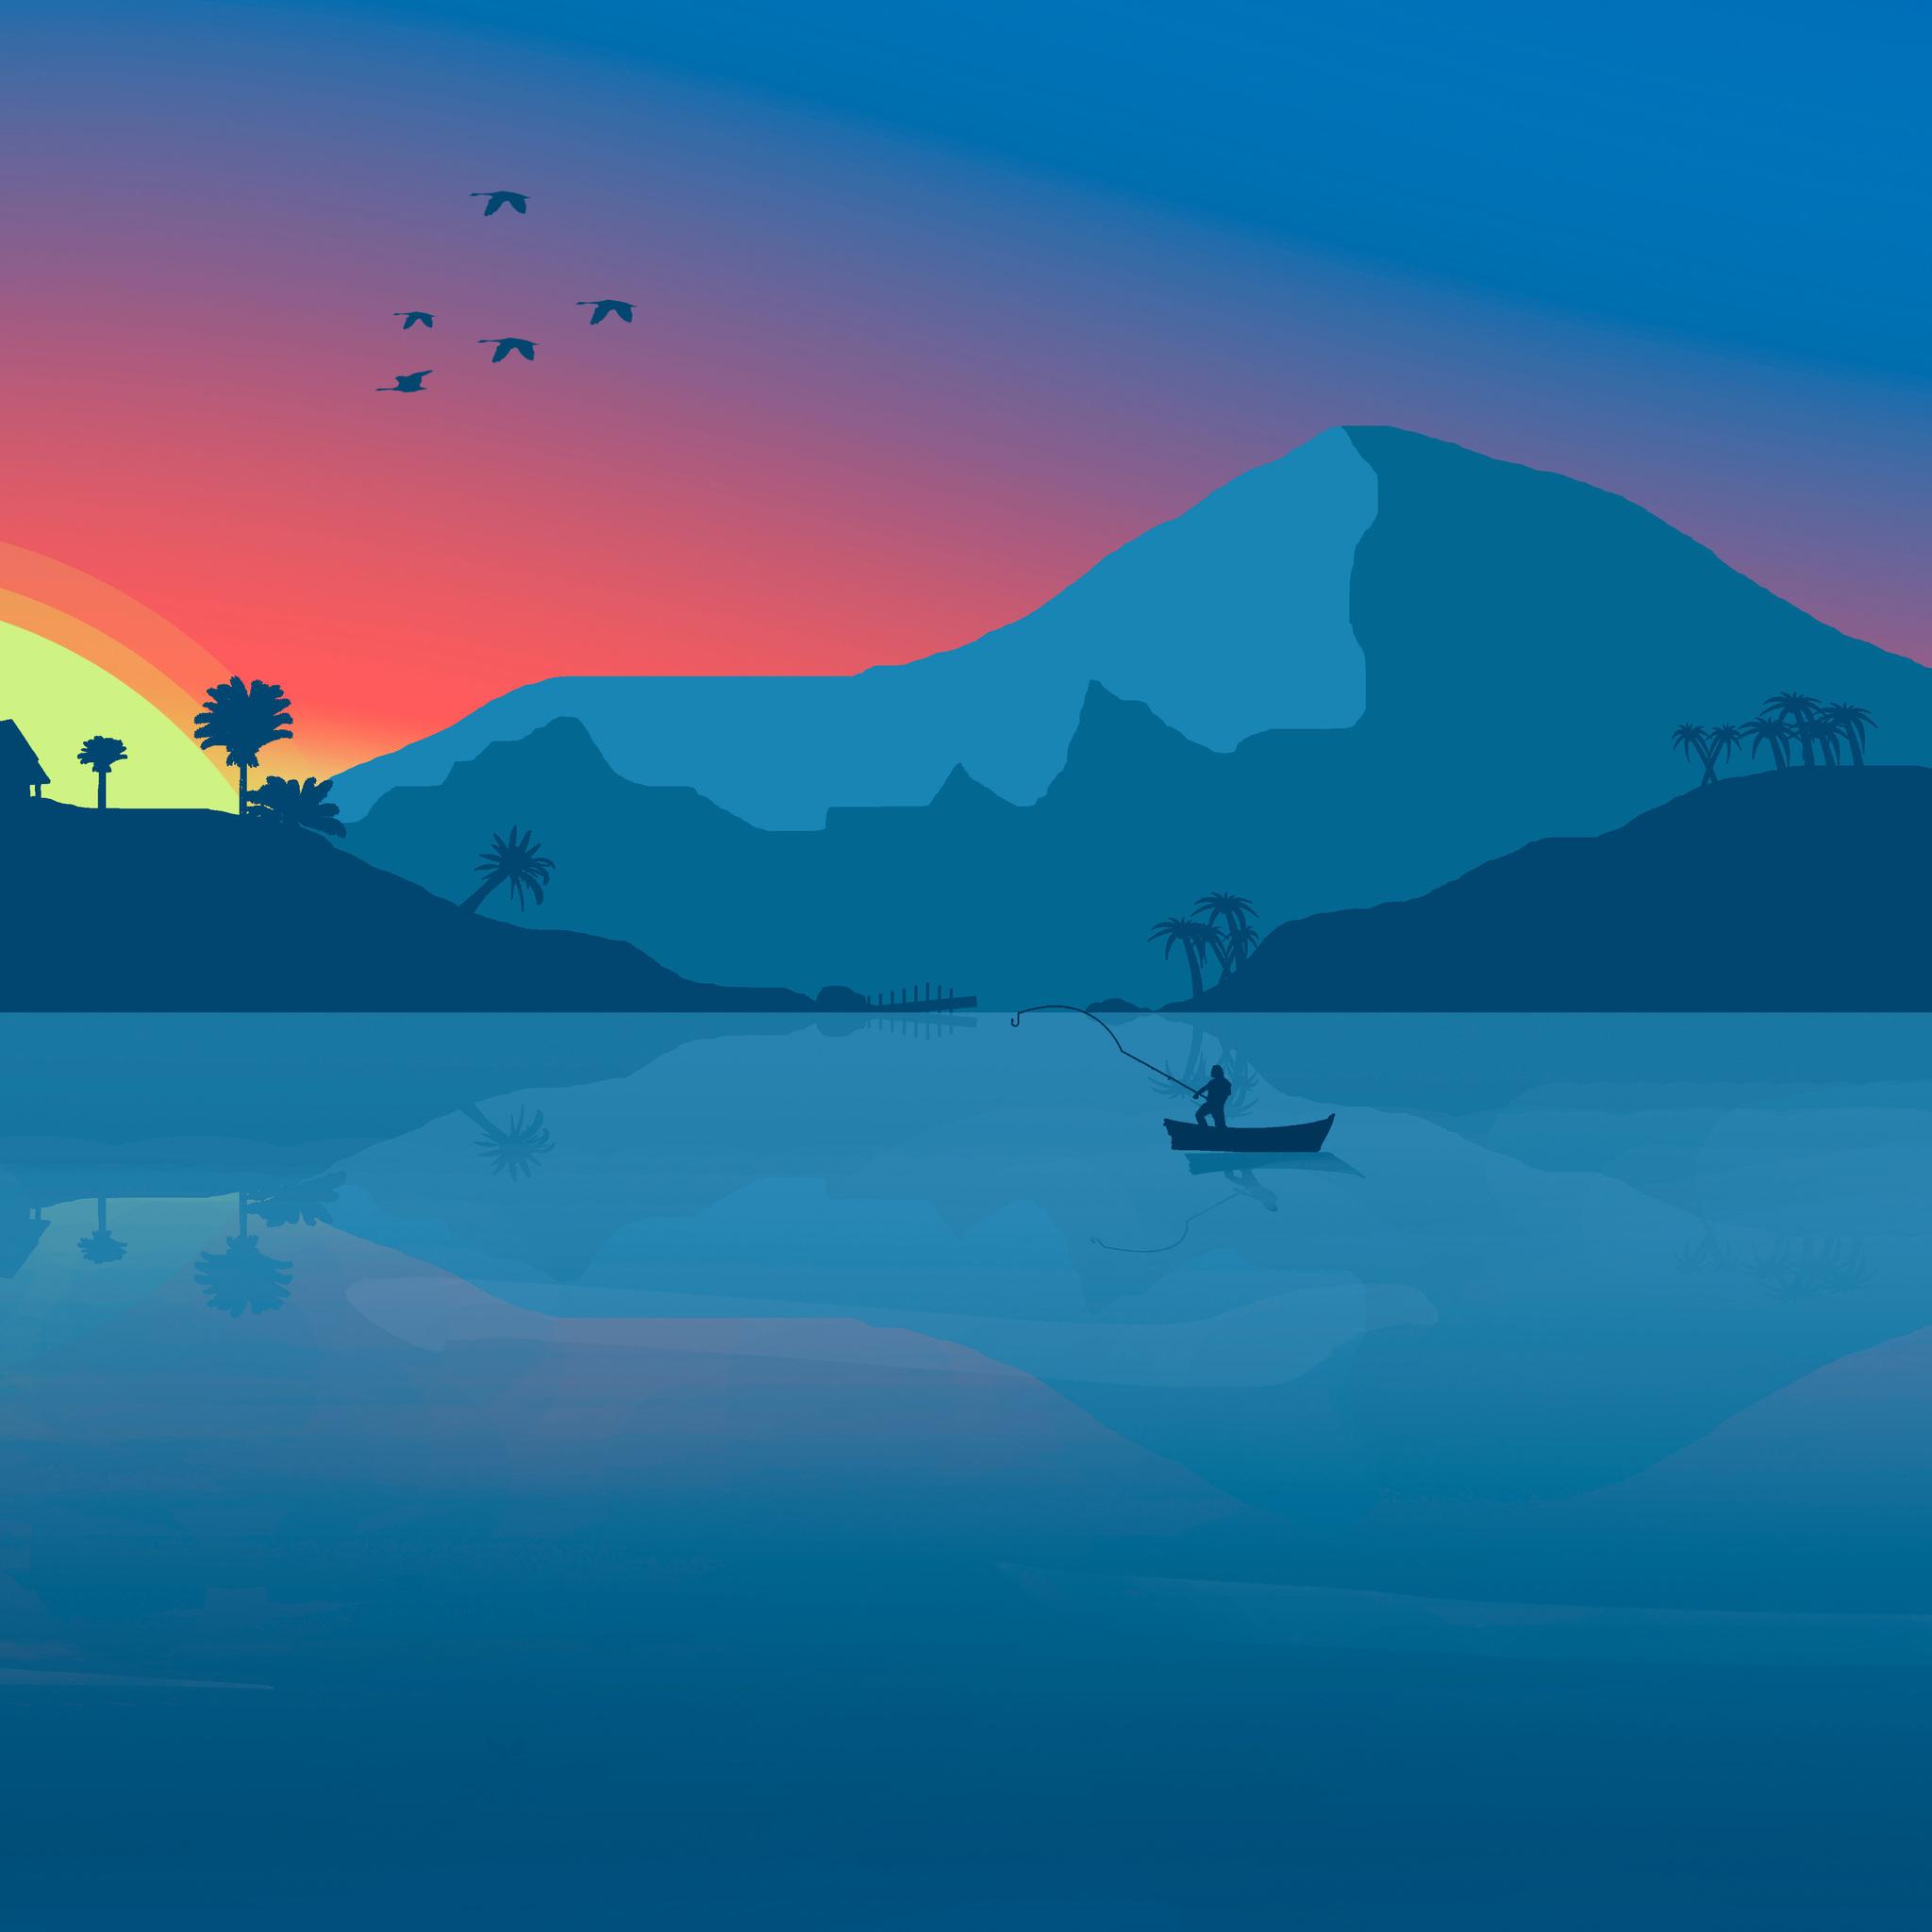 2048x2048 Minimalist Beach Boat Mountains Sunset Birds 8k ...